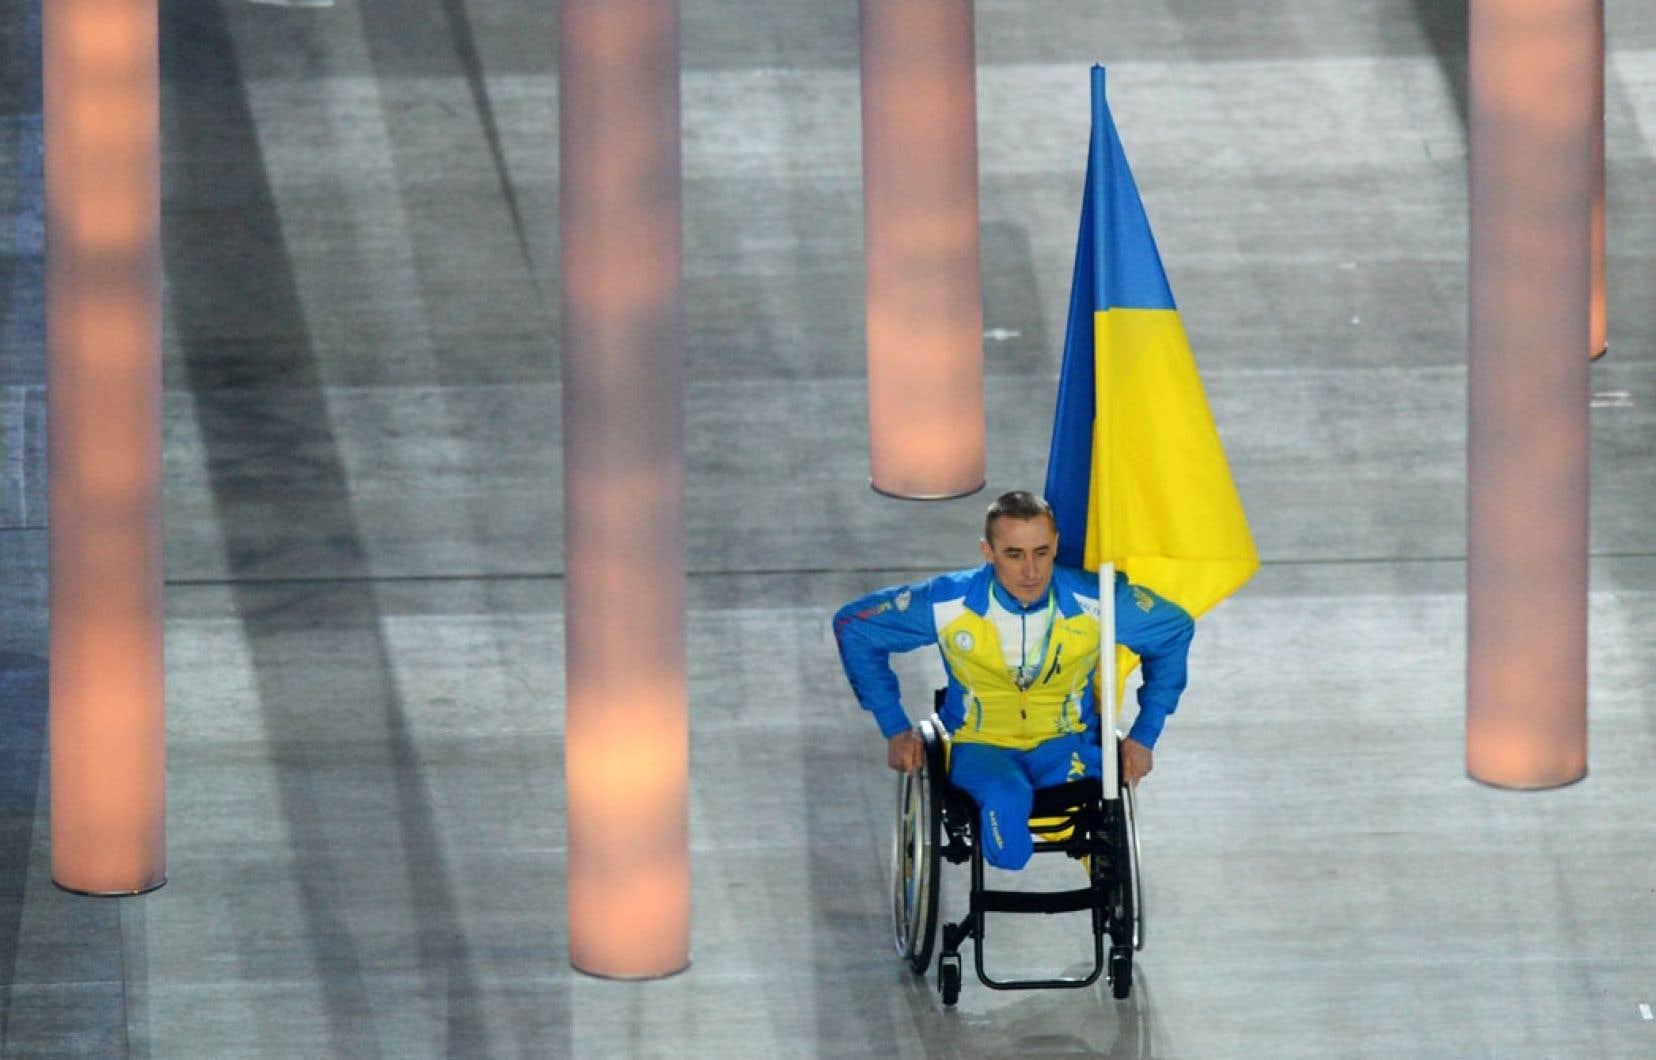 Le biathlonien Mykhaylo Tkachenko, porte-drapeau de l'Ukraine, a défilé seul à l'occasion de la cérémonie d'ouverture des Jeux paralympiques de Sotchi.